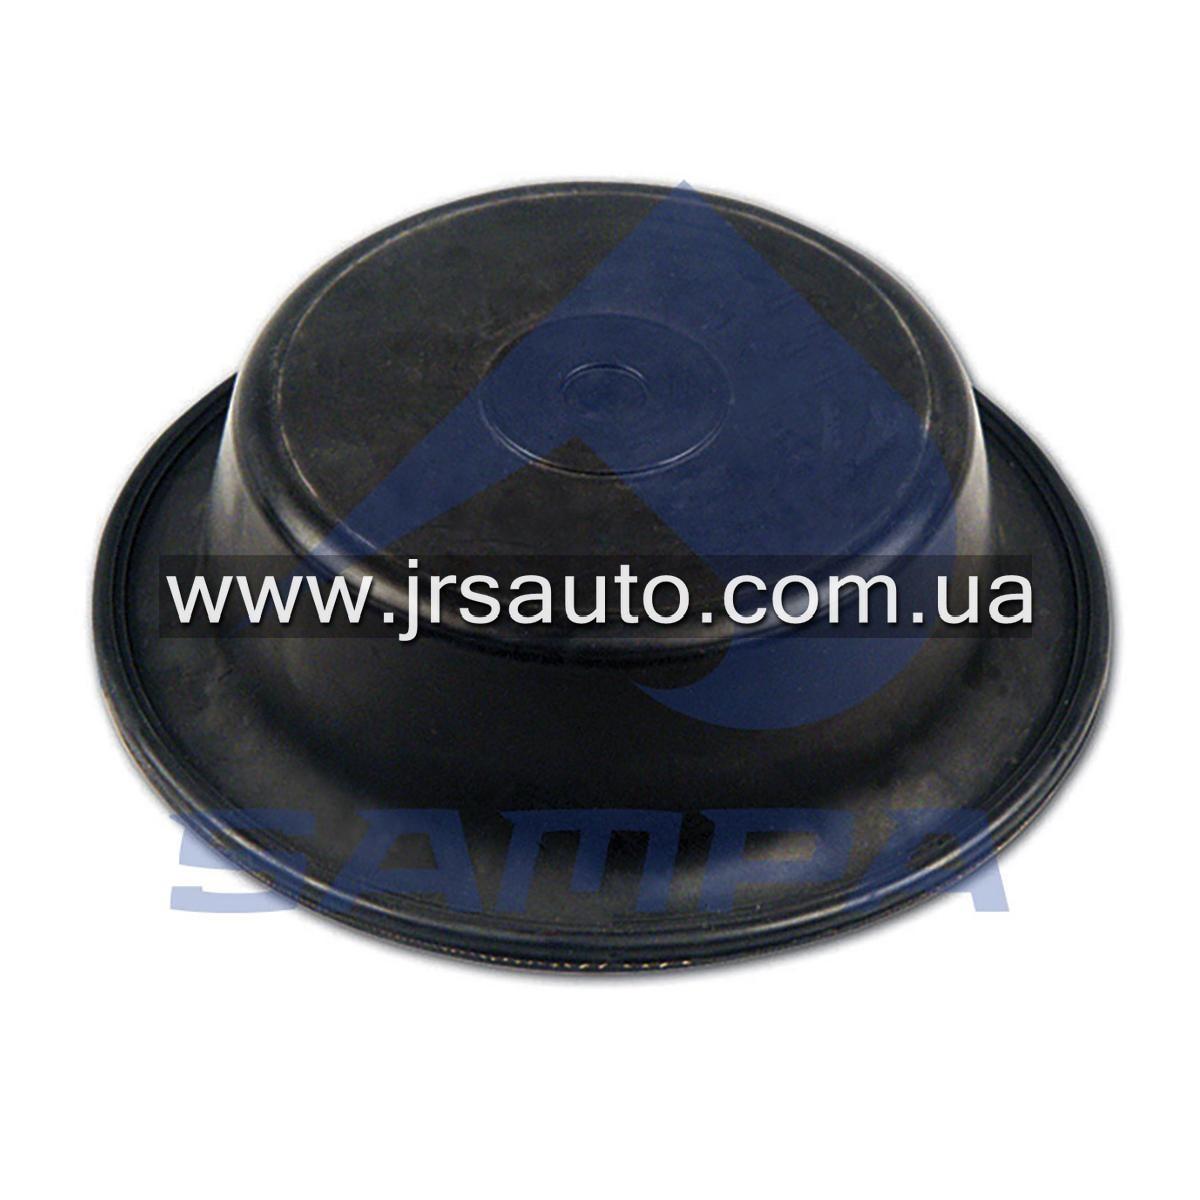 Мембрана камеры тормозной тип-24 (мелкая) MAN \0004212086 \ 095.107